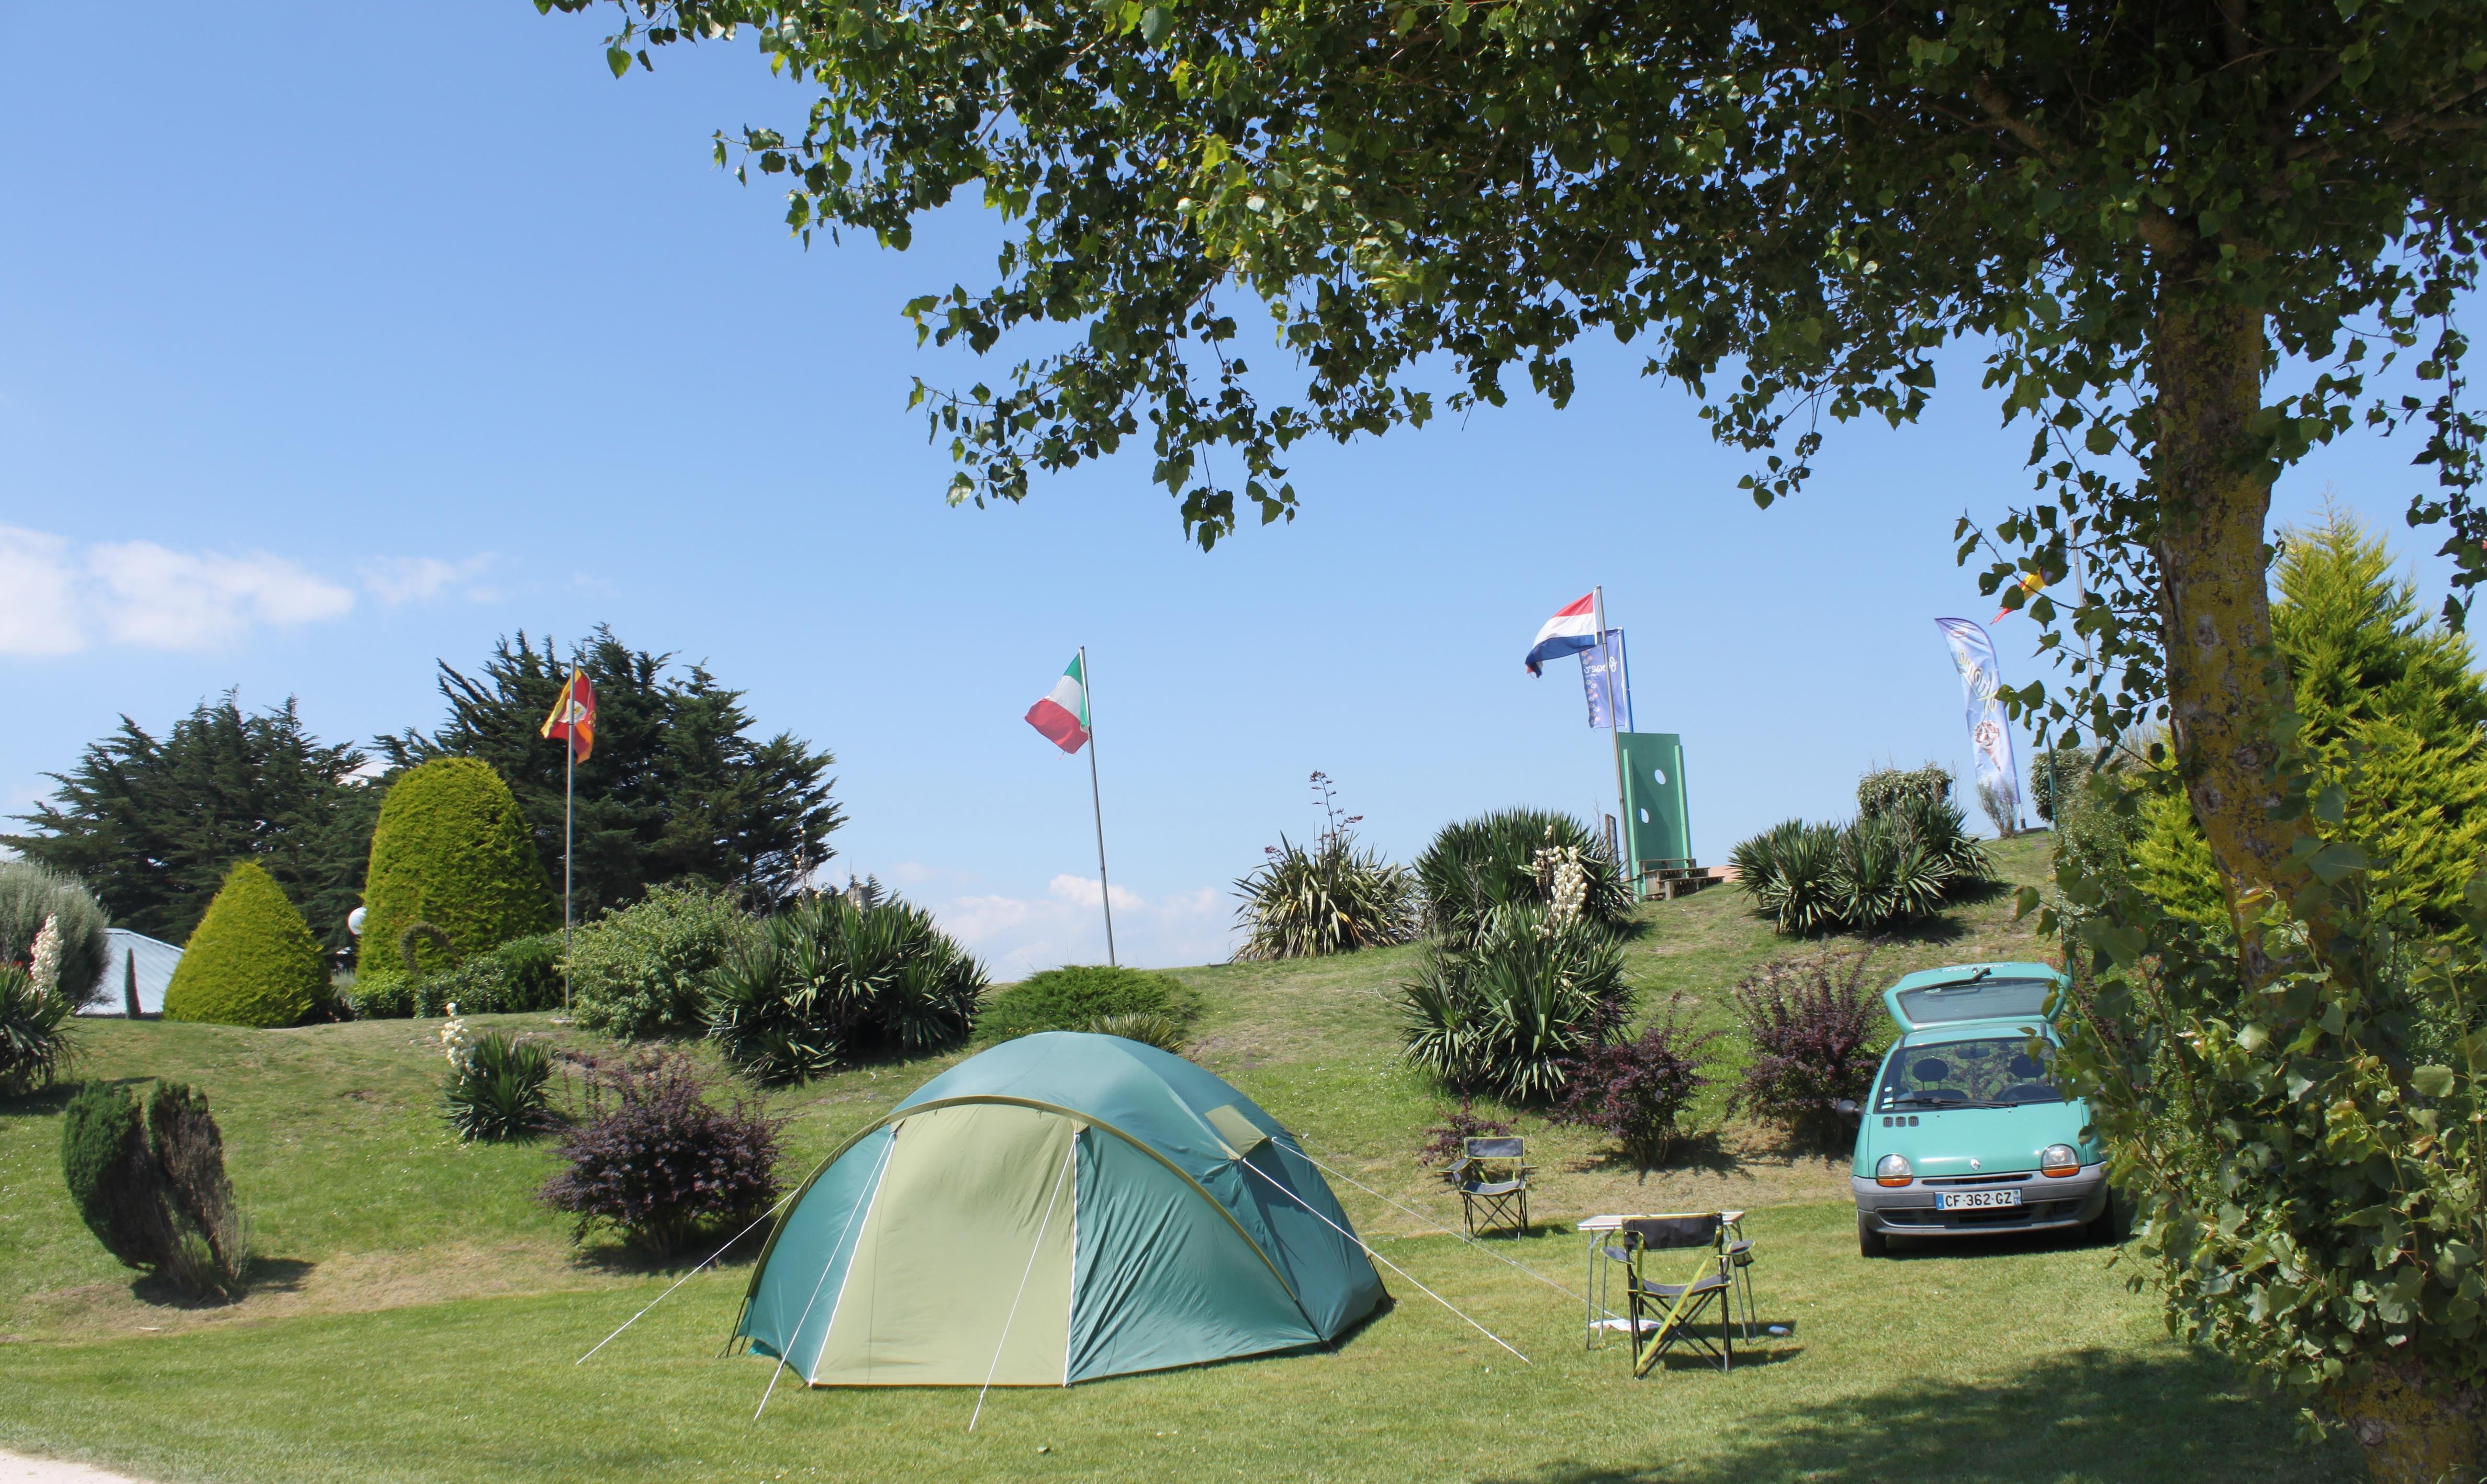 Camping Utah Beach, Sainte-Marie-du-Mont, Manche